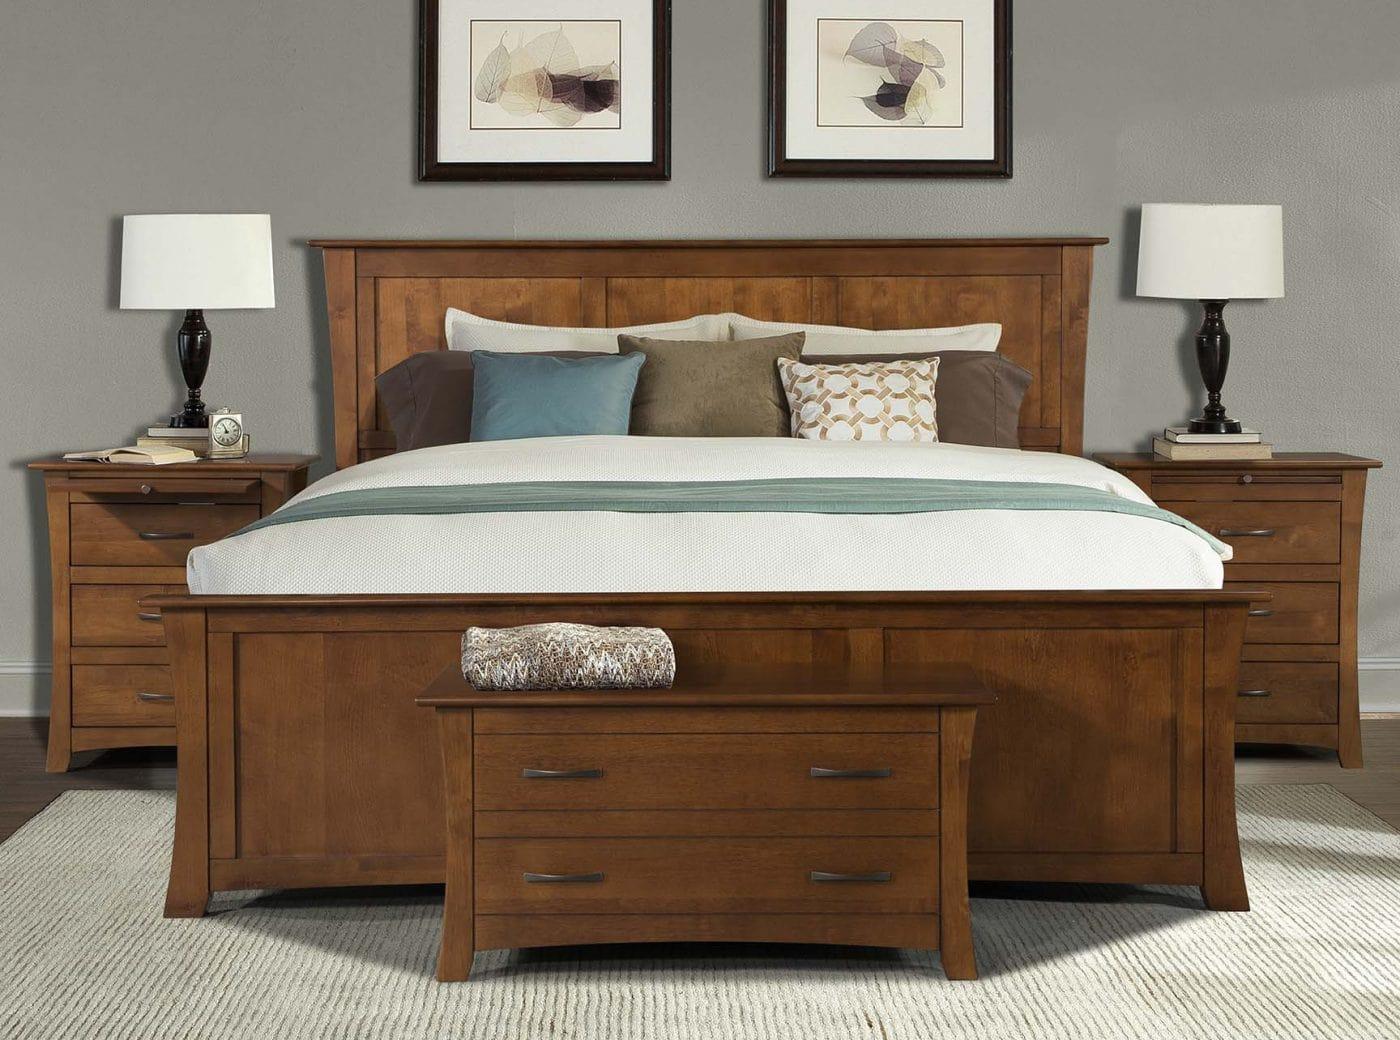 A America Furniture >> Grant Park A America Wood Furniture